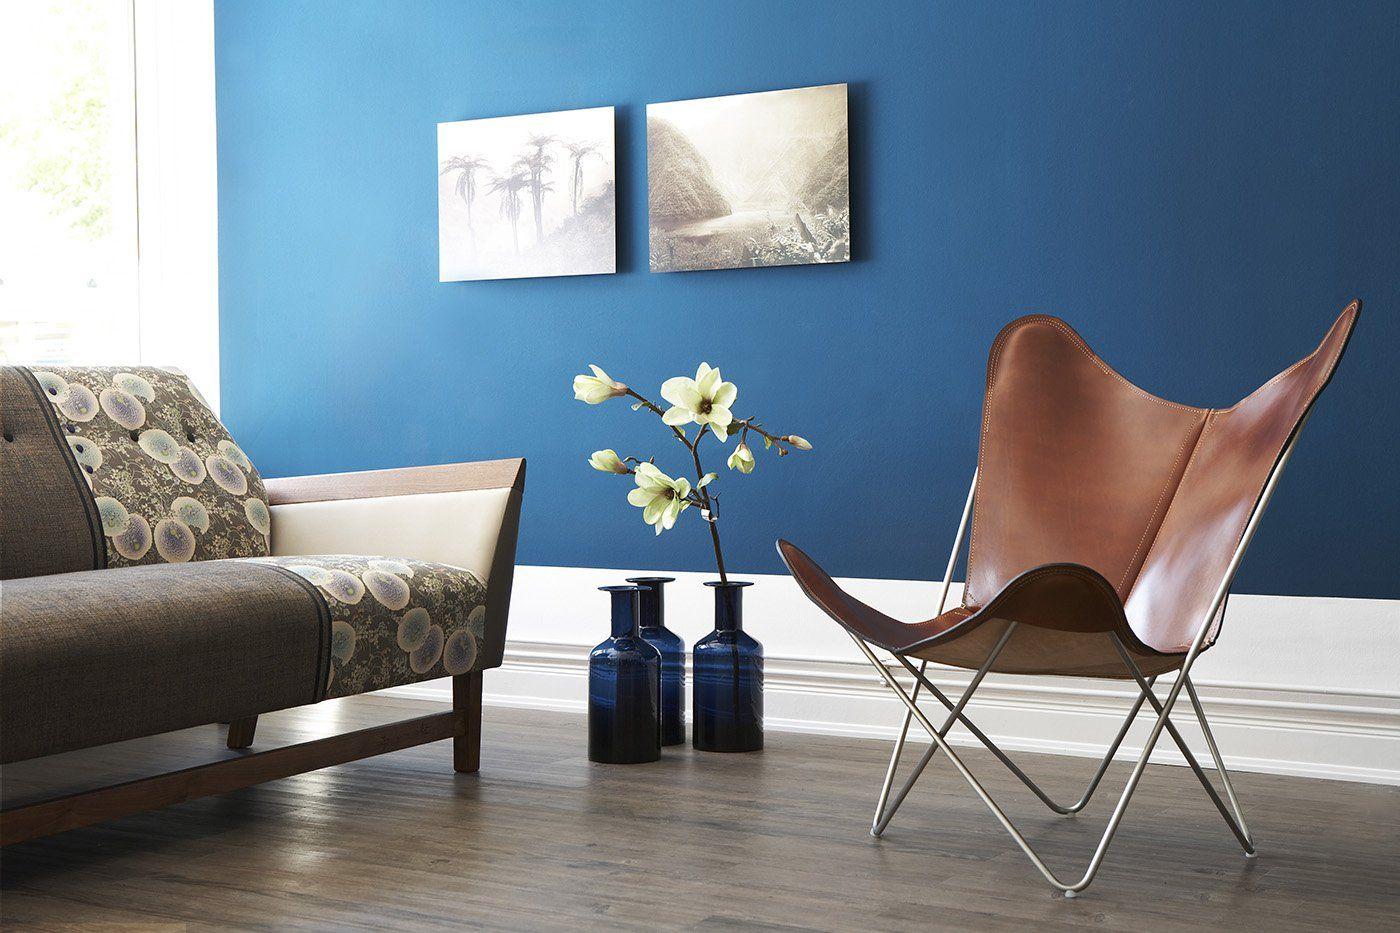 Salon design bleu intense - Ripolin | Peinture salon, Couleur salon, Deco maison design